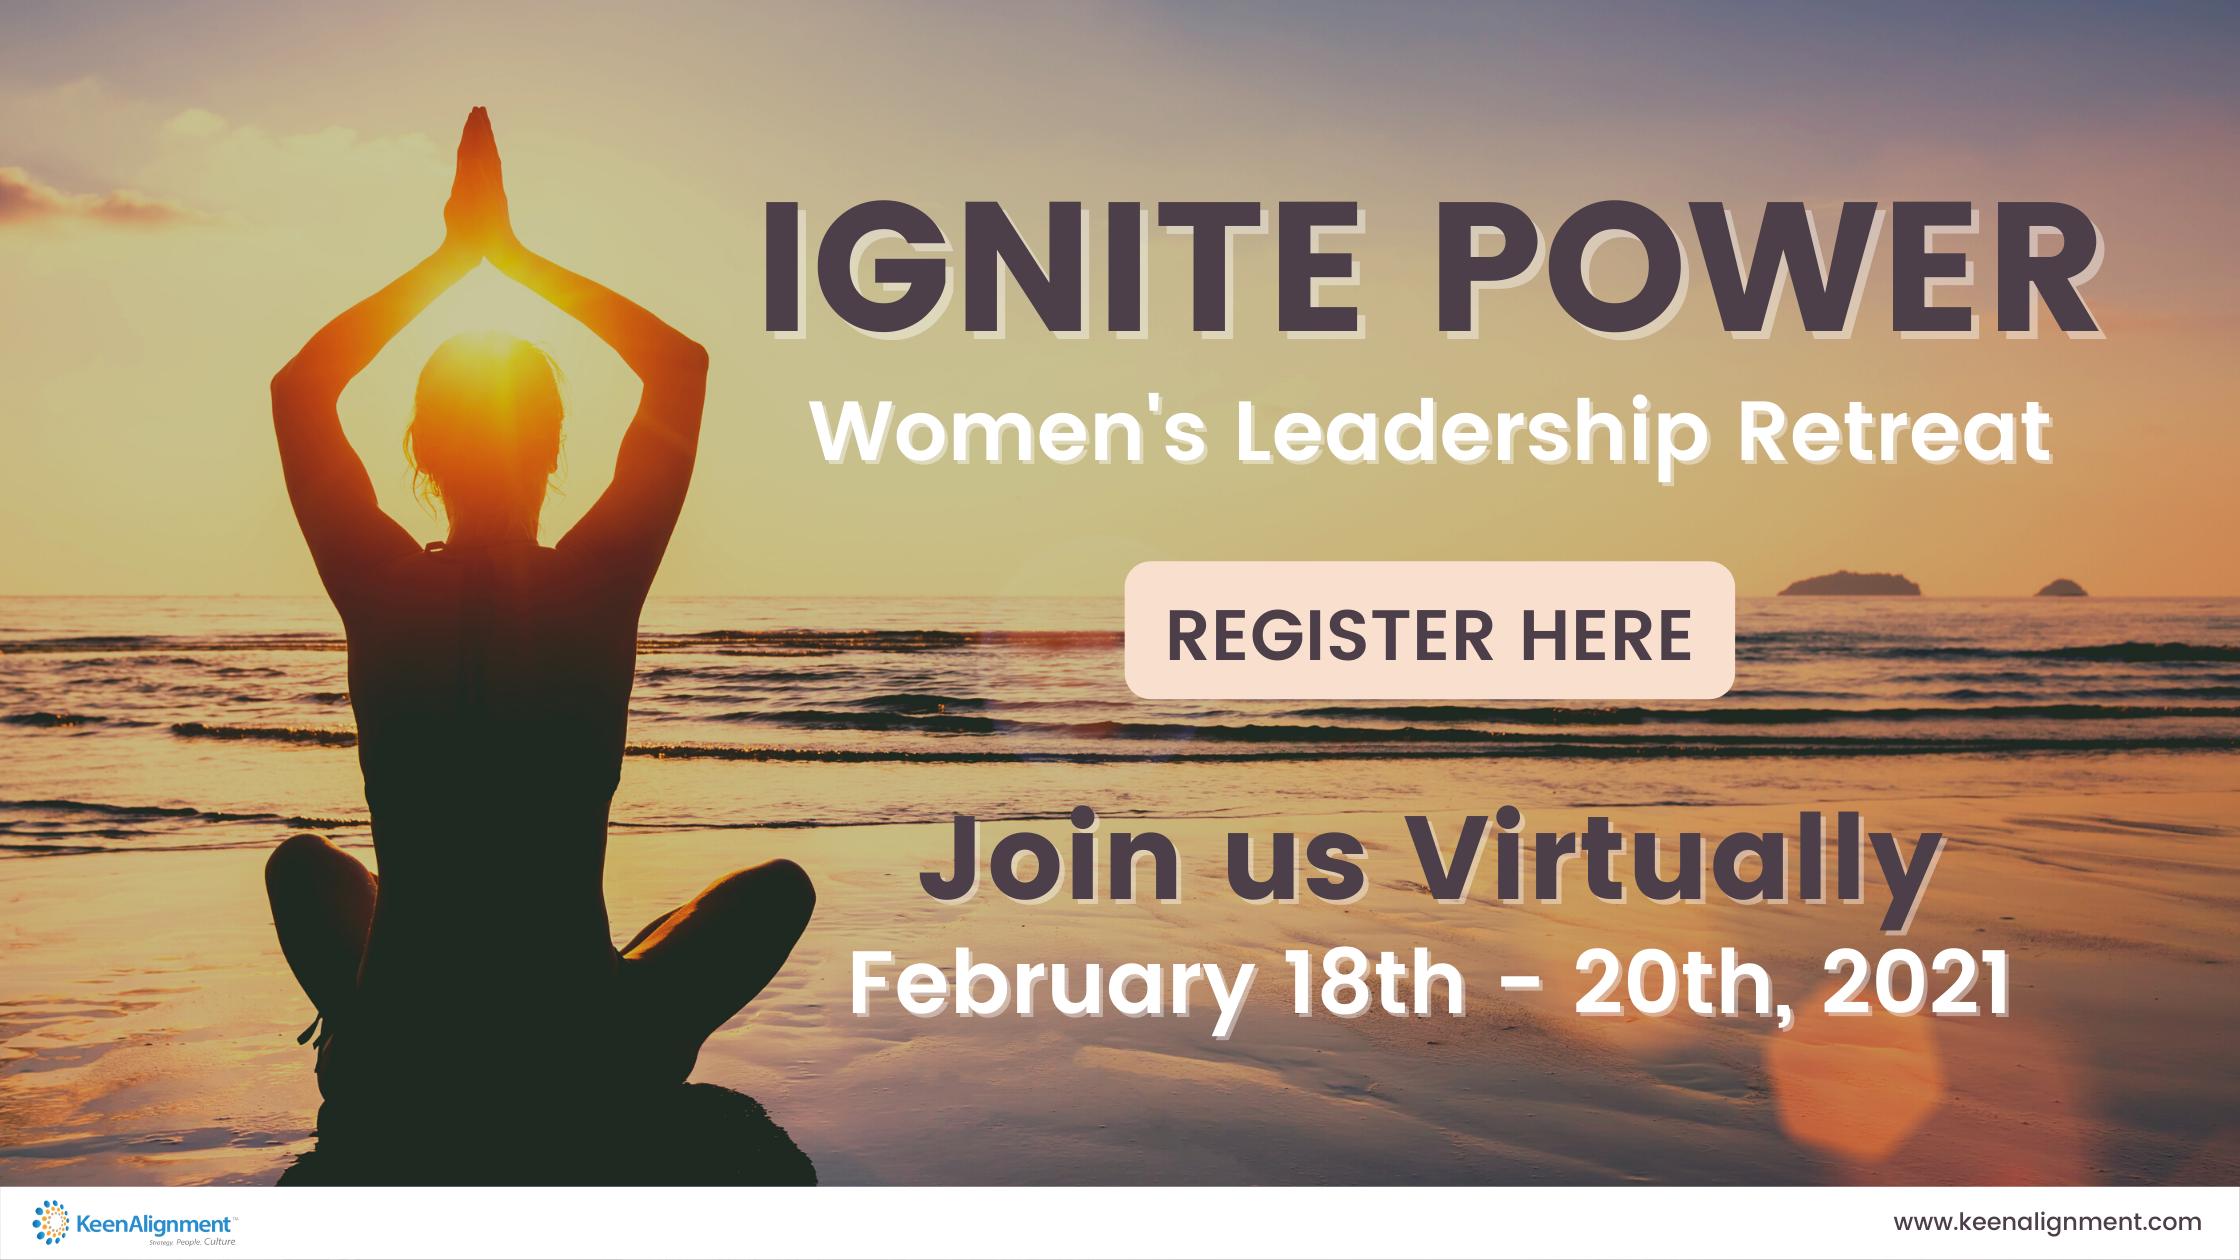 Register for Ignite Power - Keen Alignment